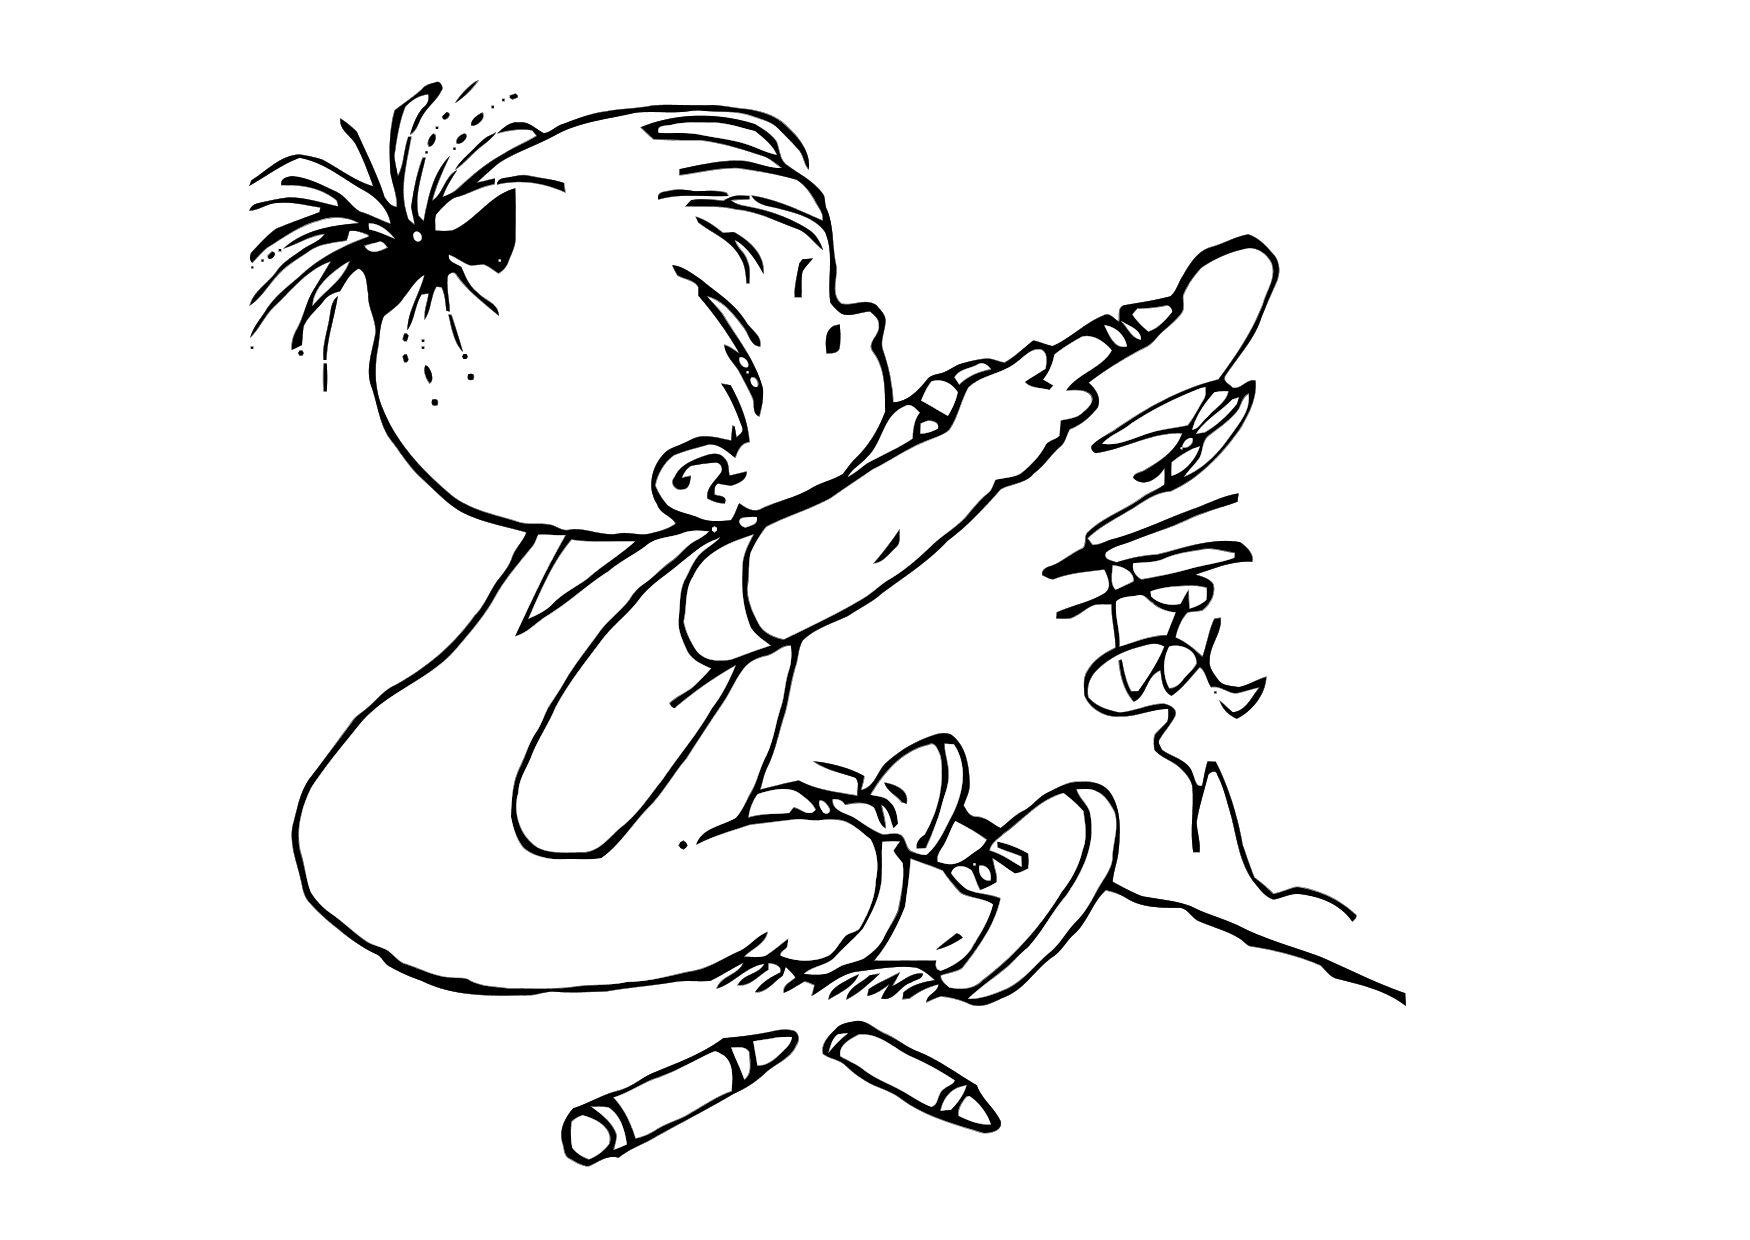 Niño Dibujo Para Colorear: Dibujo Para Colorear Niño Dibujando